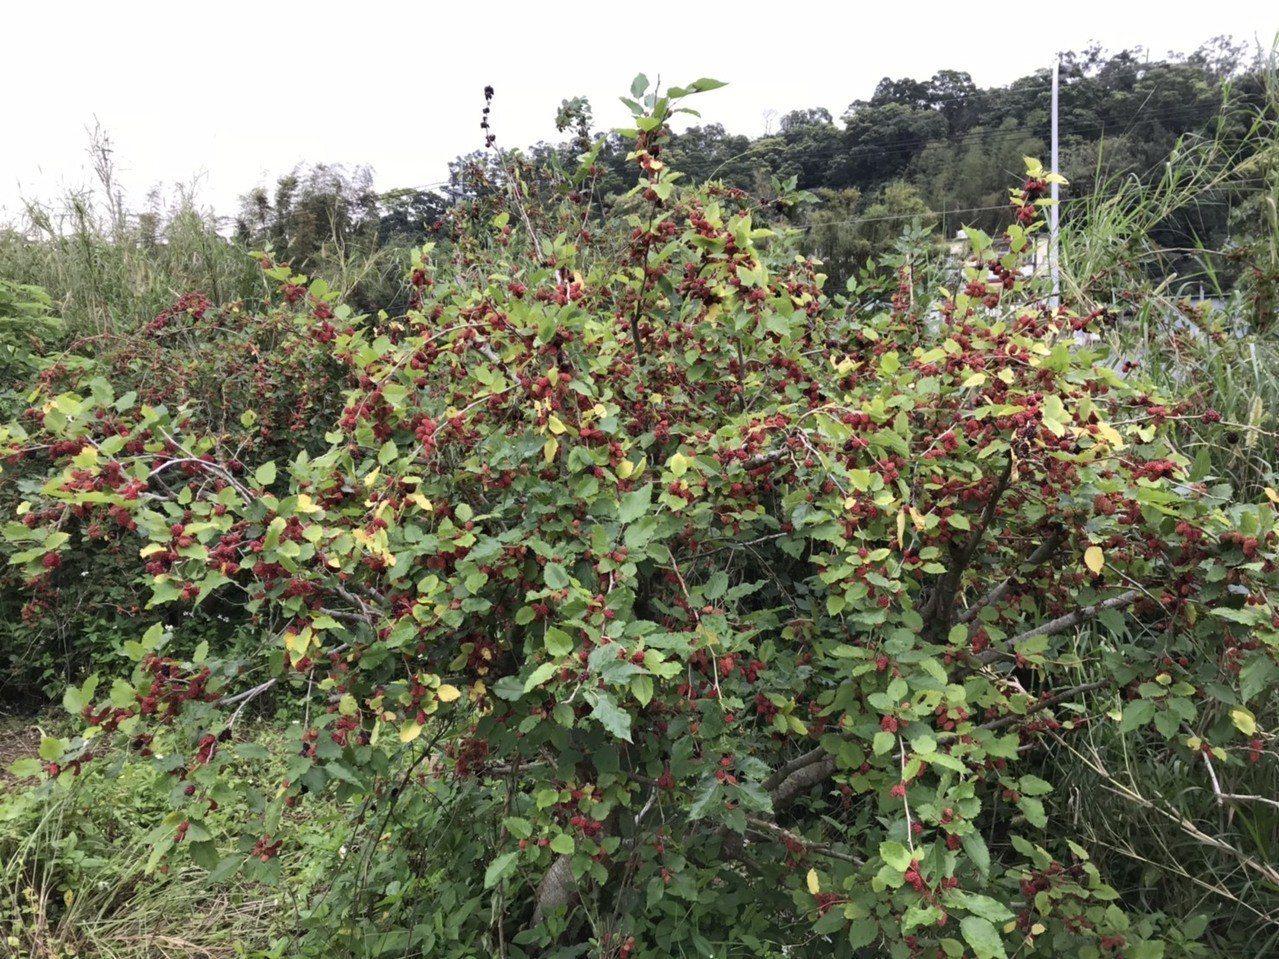 苗栗縣銅鑼鄉內公有地種植桑椹結實纍纍,吸引民眾享受採果樂趣。記者范榮達/攝影